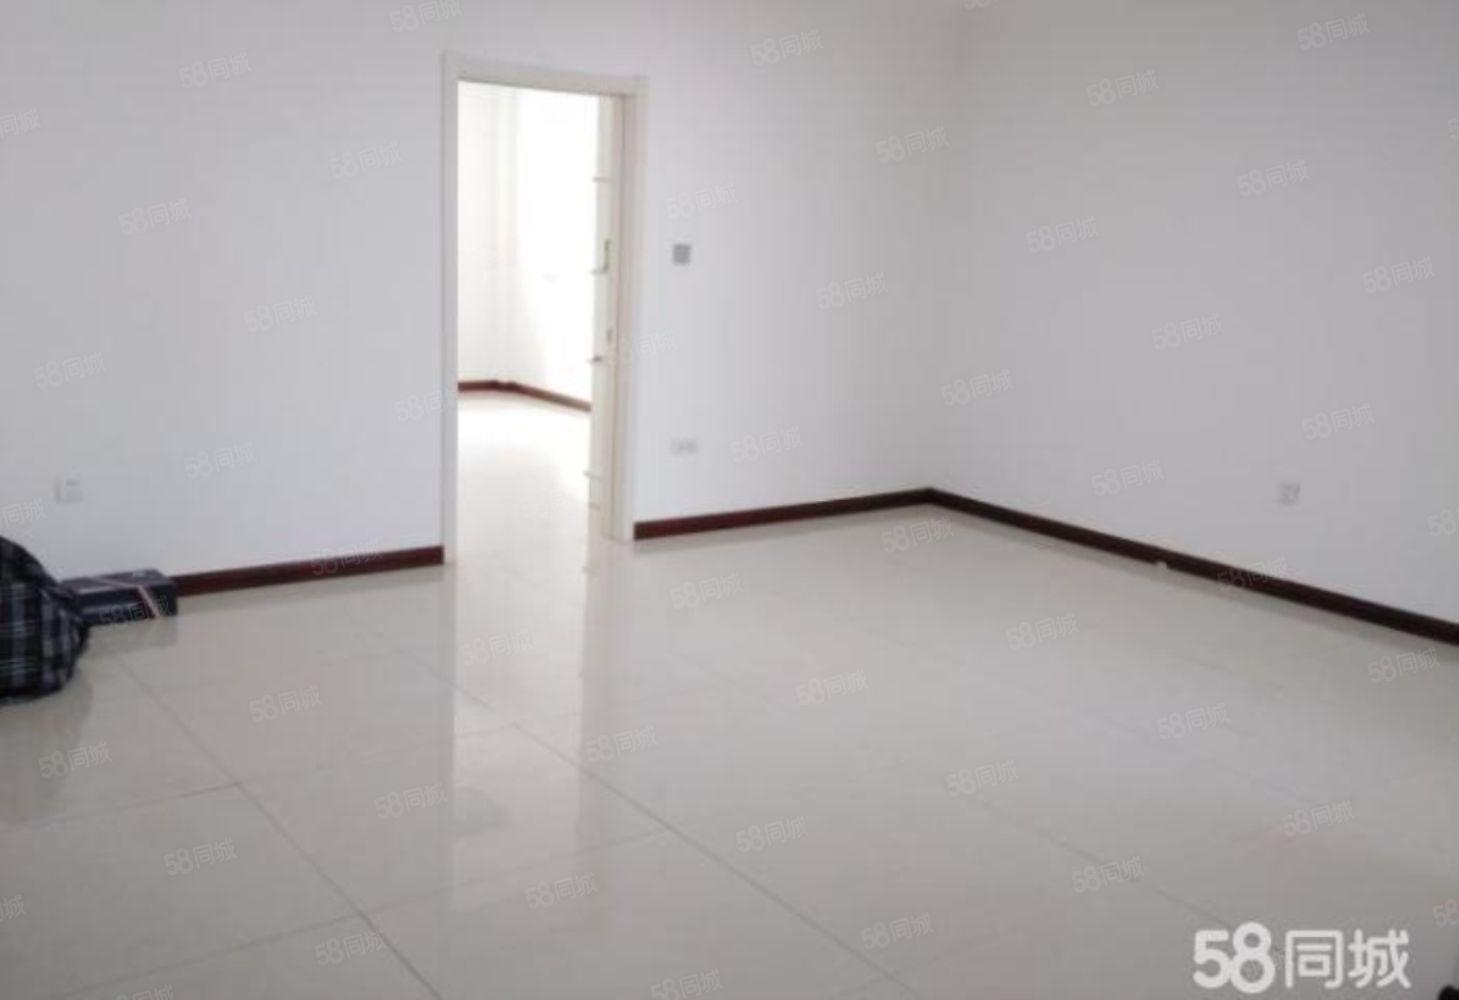 锦水家苑11楼84平南北通透精装地暖看房方便